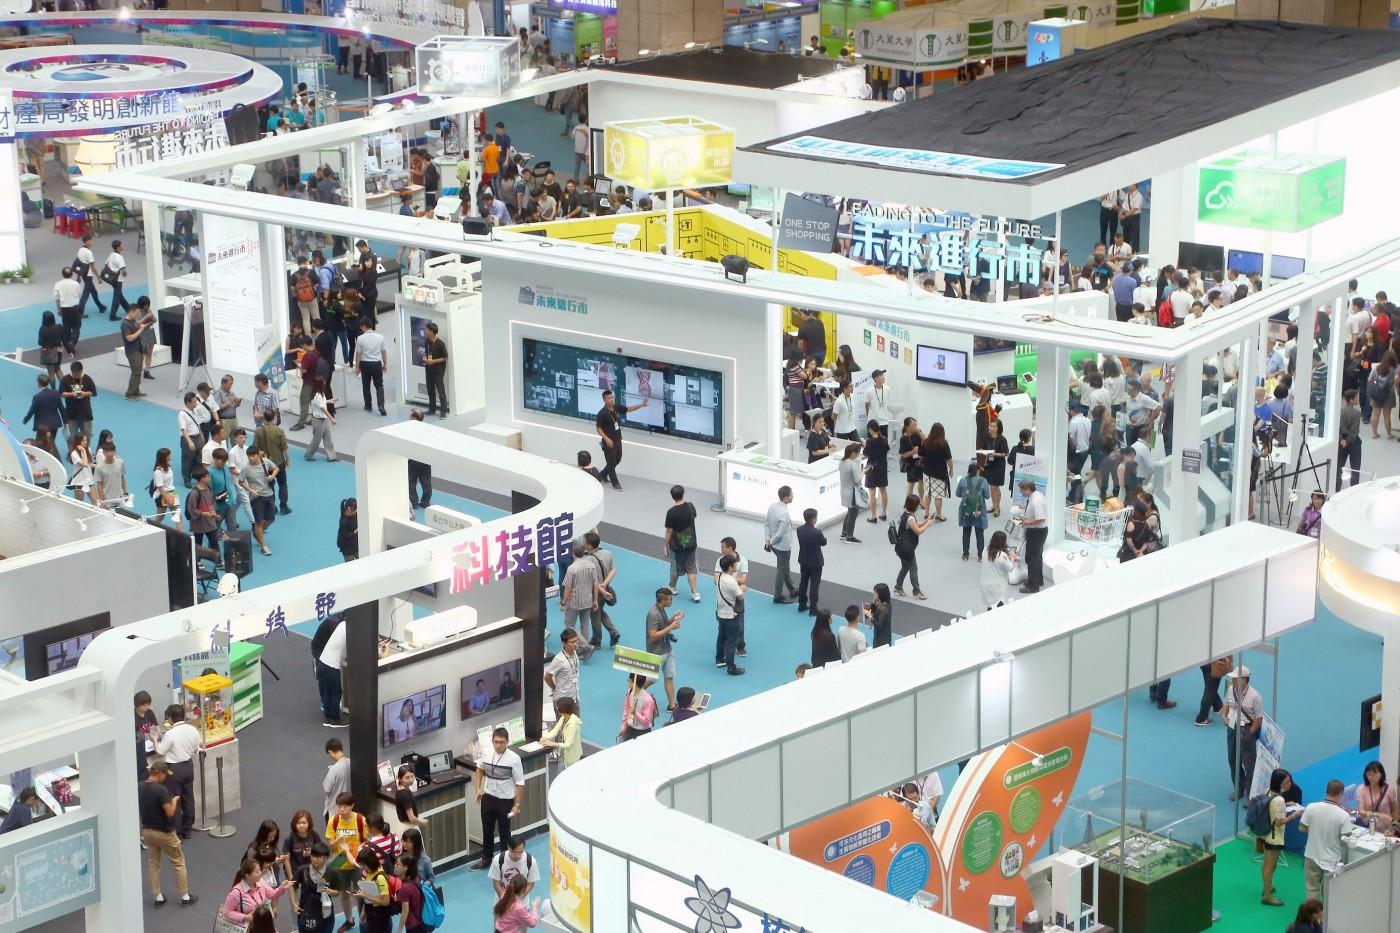 匯聚創新 決勝未來 「台灣創新技術博覽會」熱烈報名中!